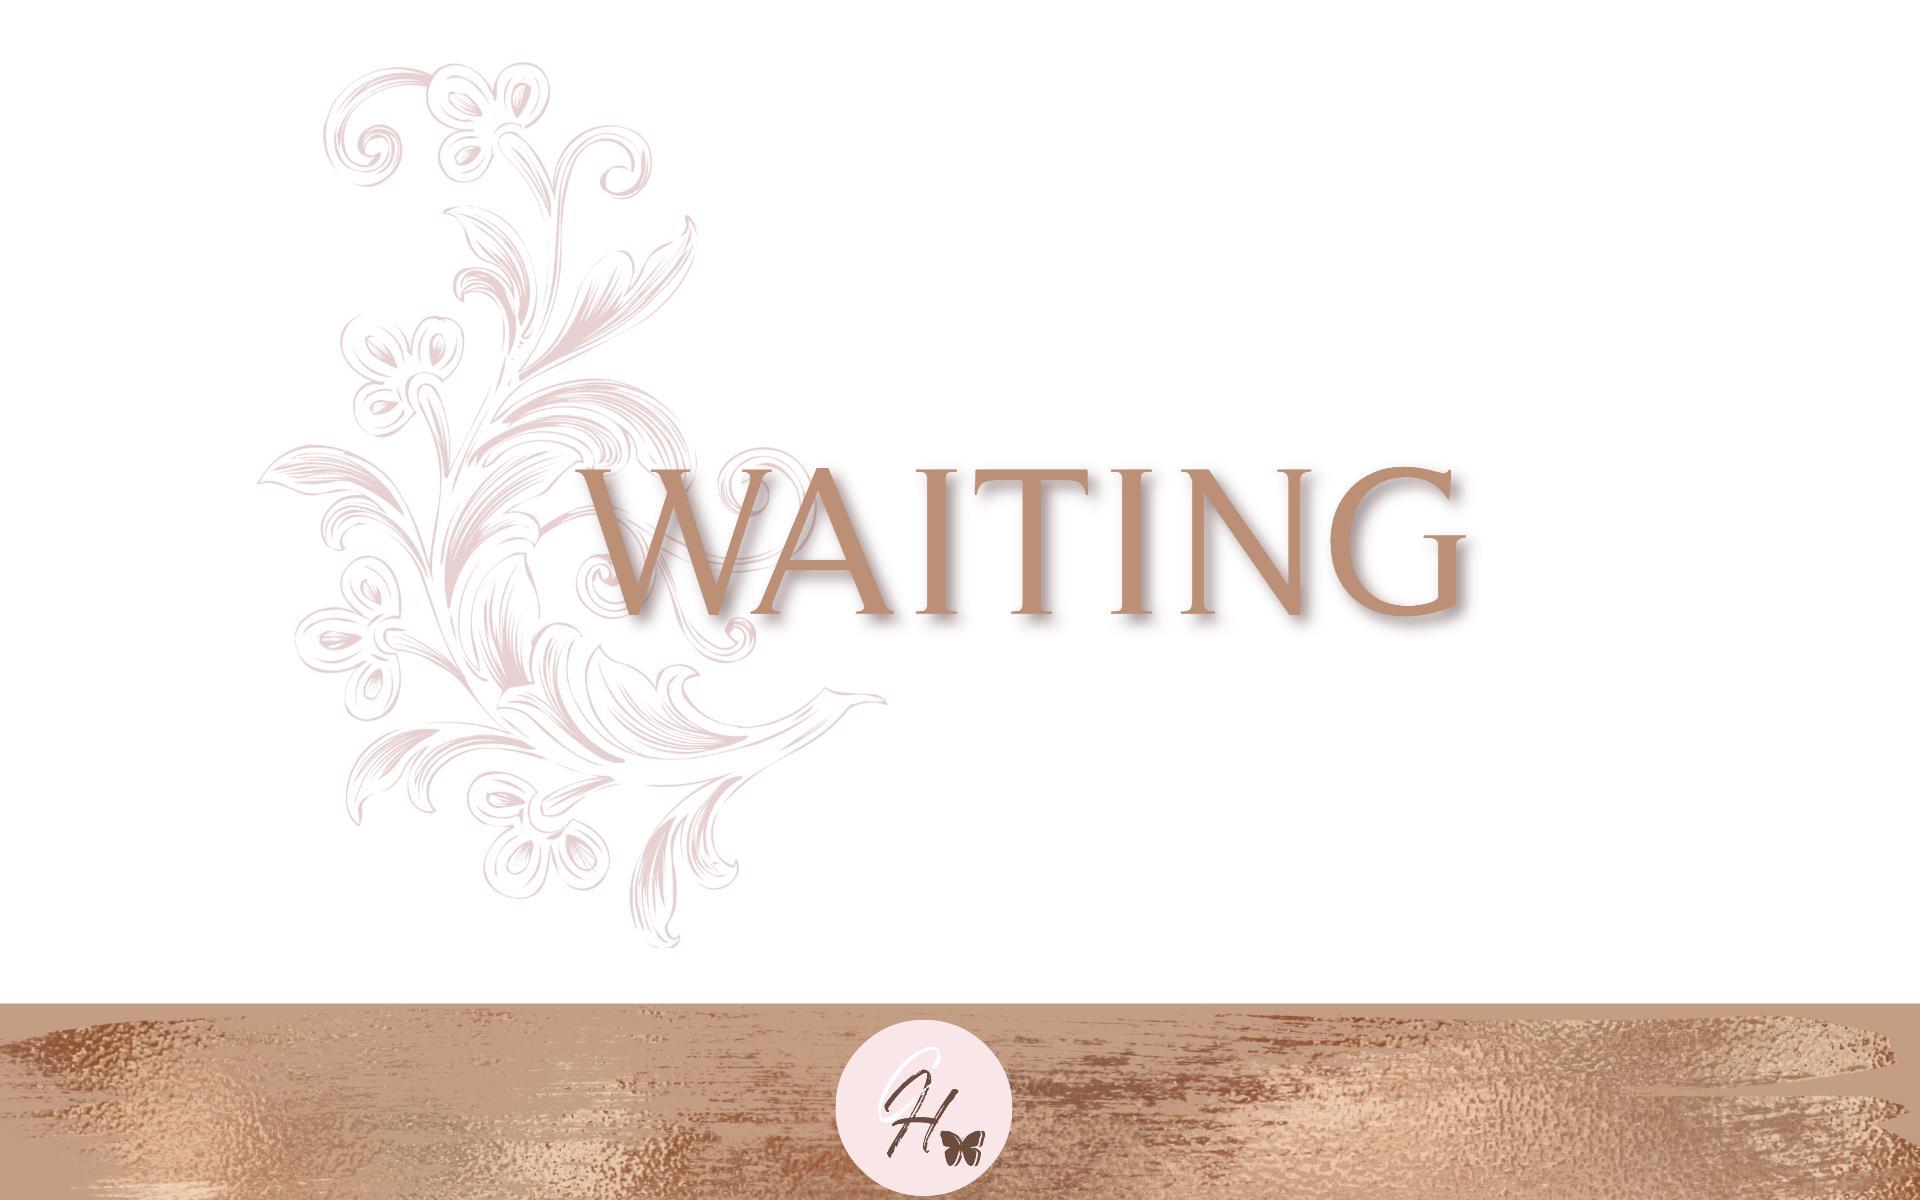 Waiting - Bible Study Guide